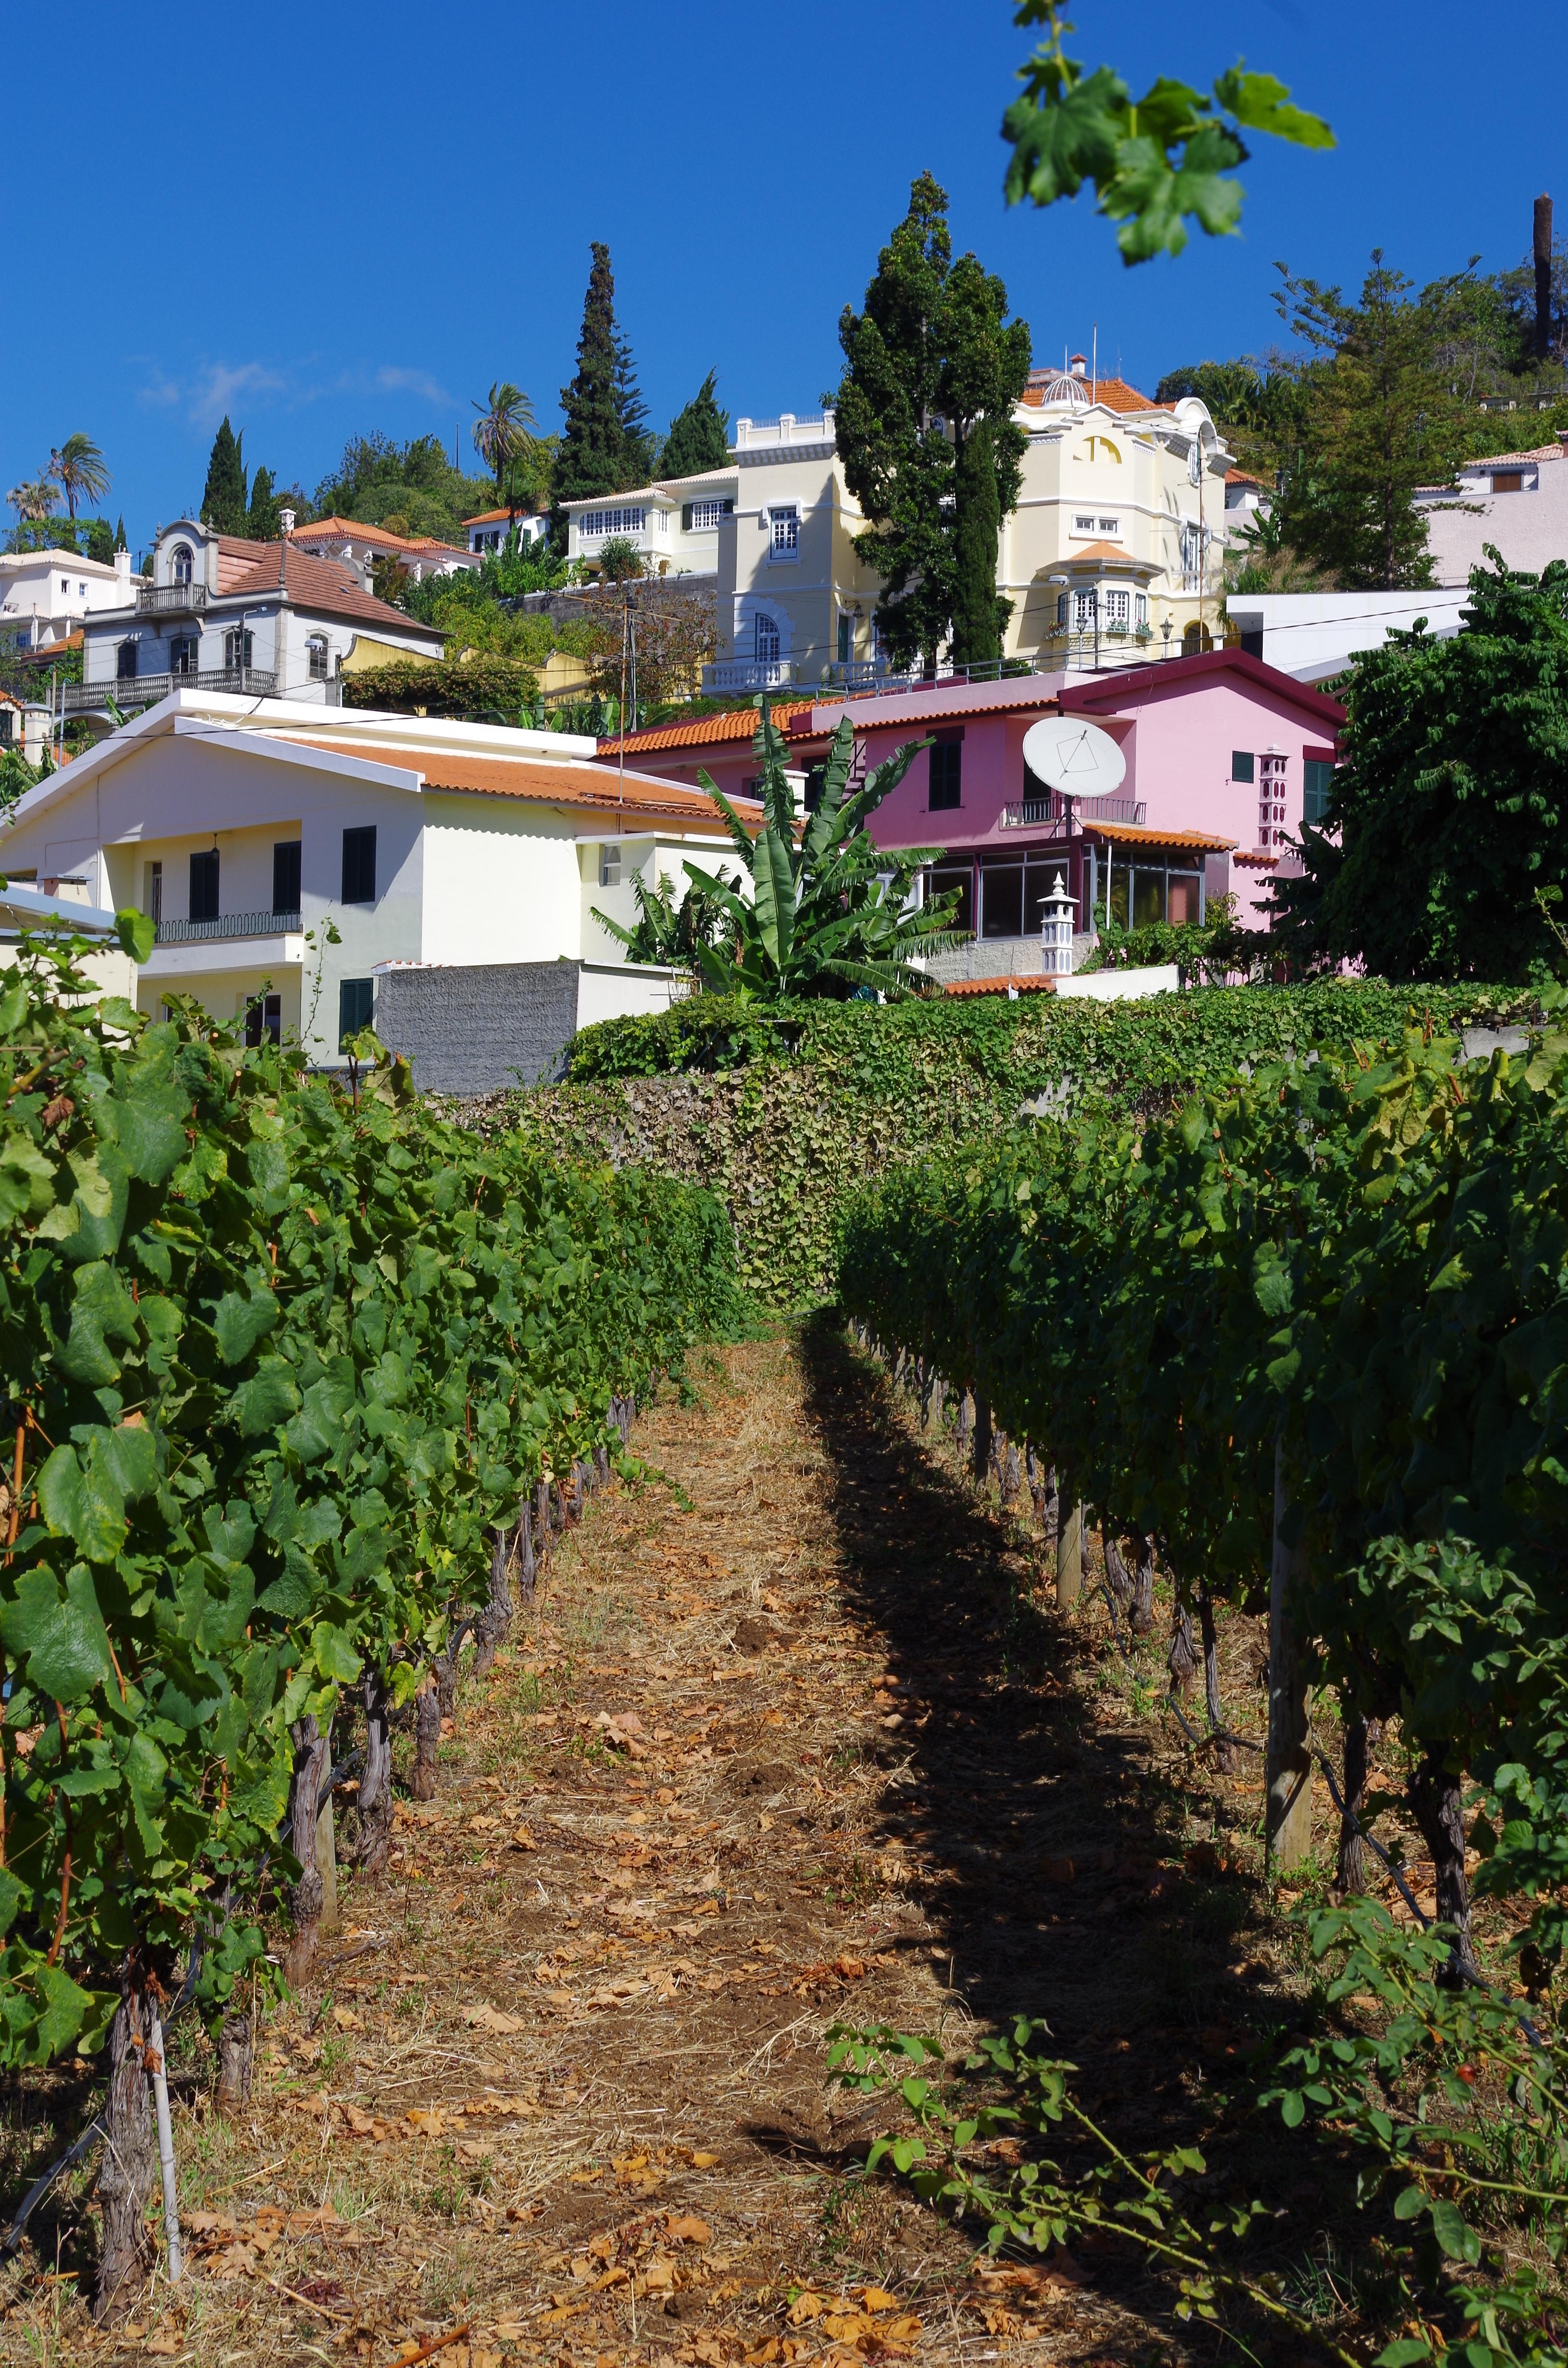 Blandy family vineyard in Funchal